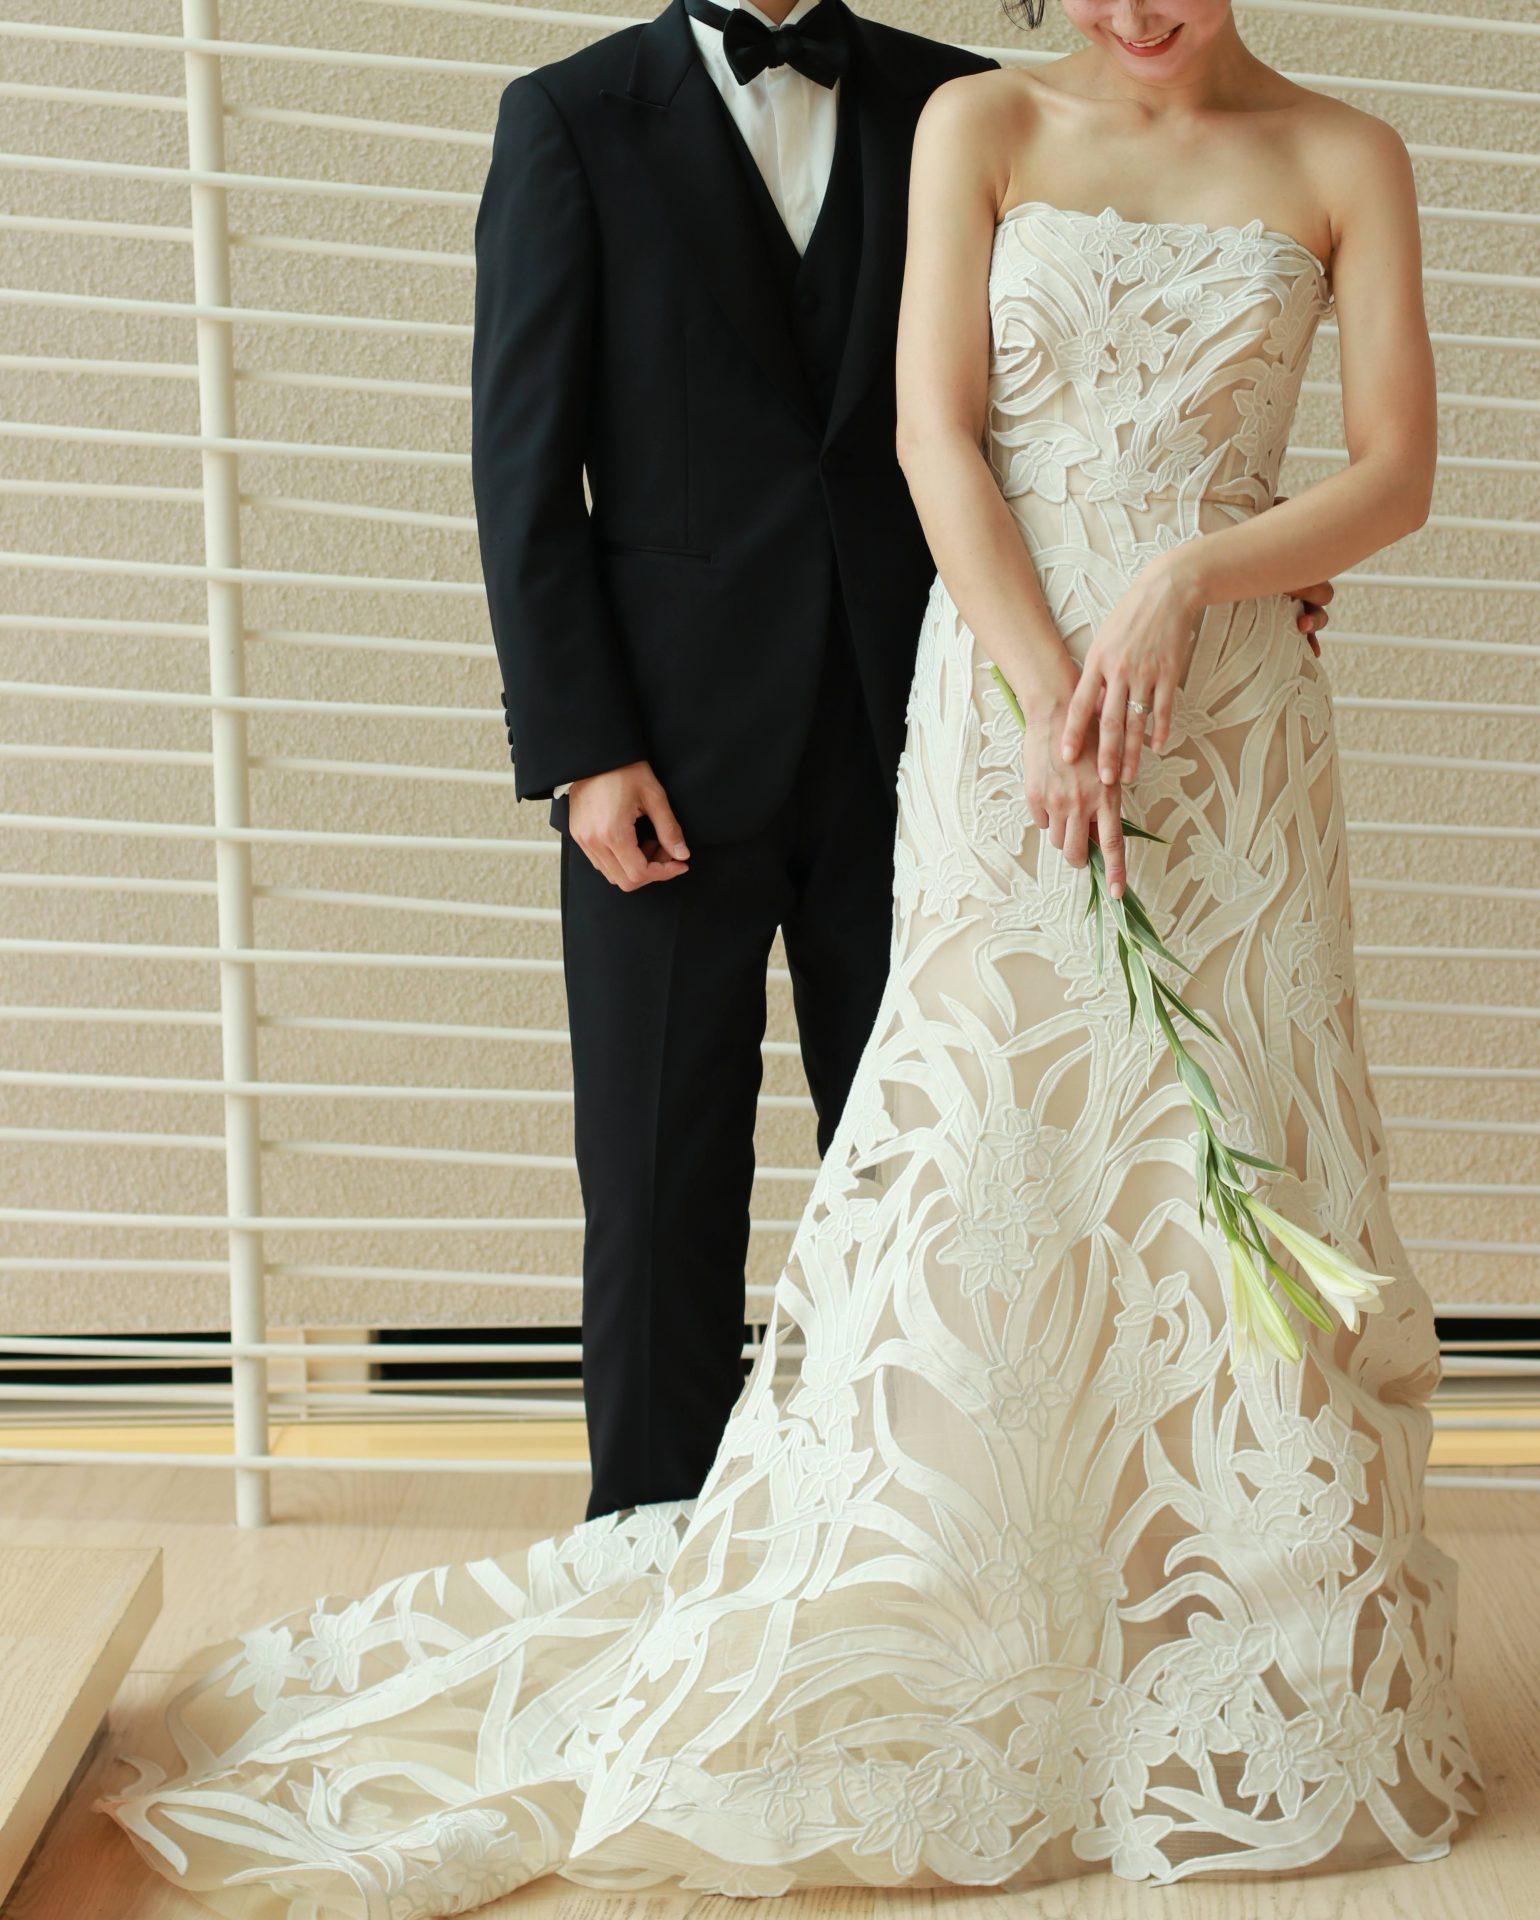 結婚式当日の新郎新婦が横に並んだ時、シンプルなブラックのタキシードと華やかな総レースのウェディングドレスがお互いを引き立てあいます